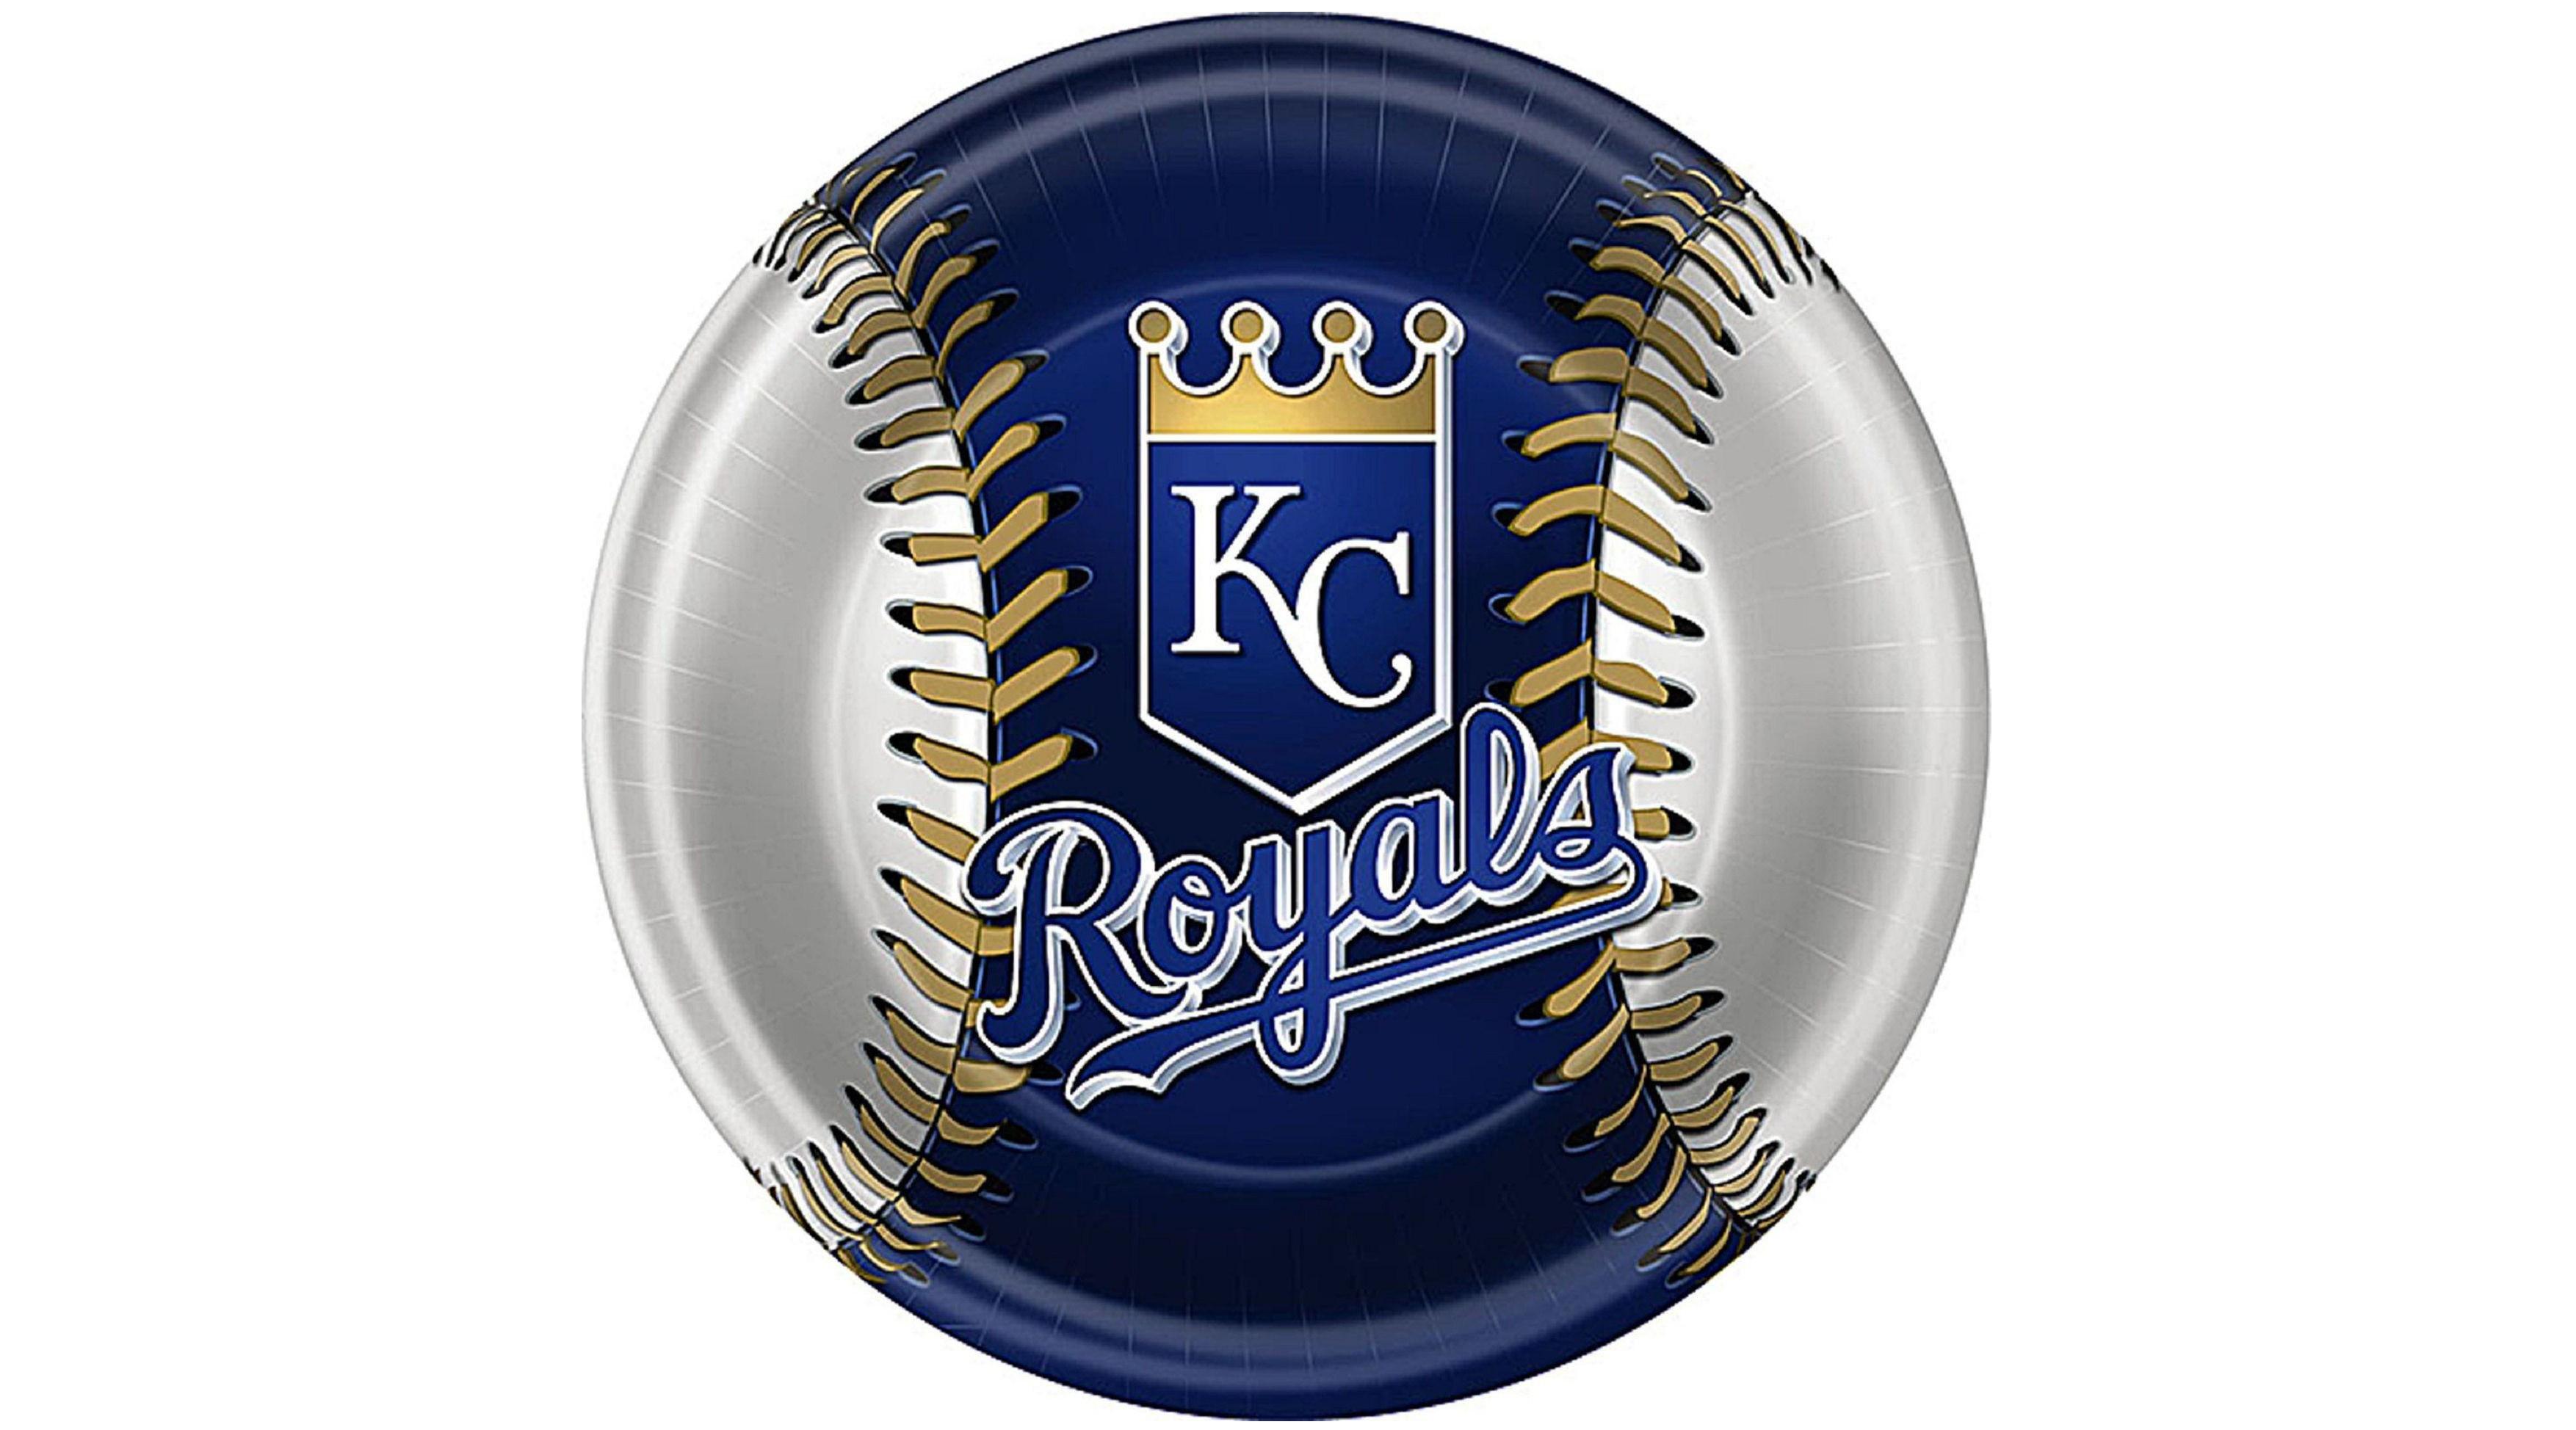 Kansas City Royals Wallpapers Hq